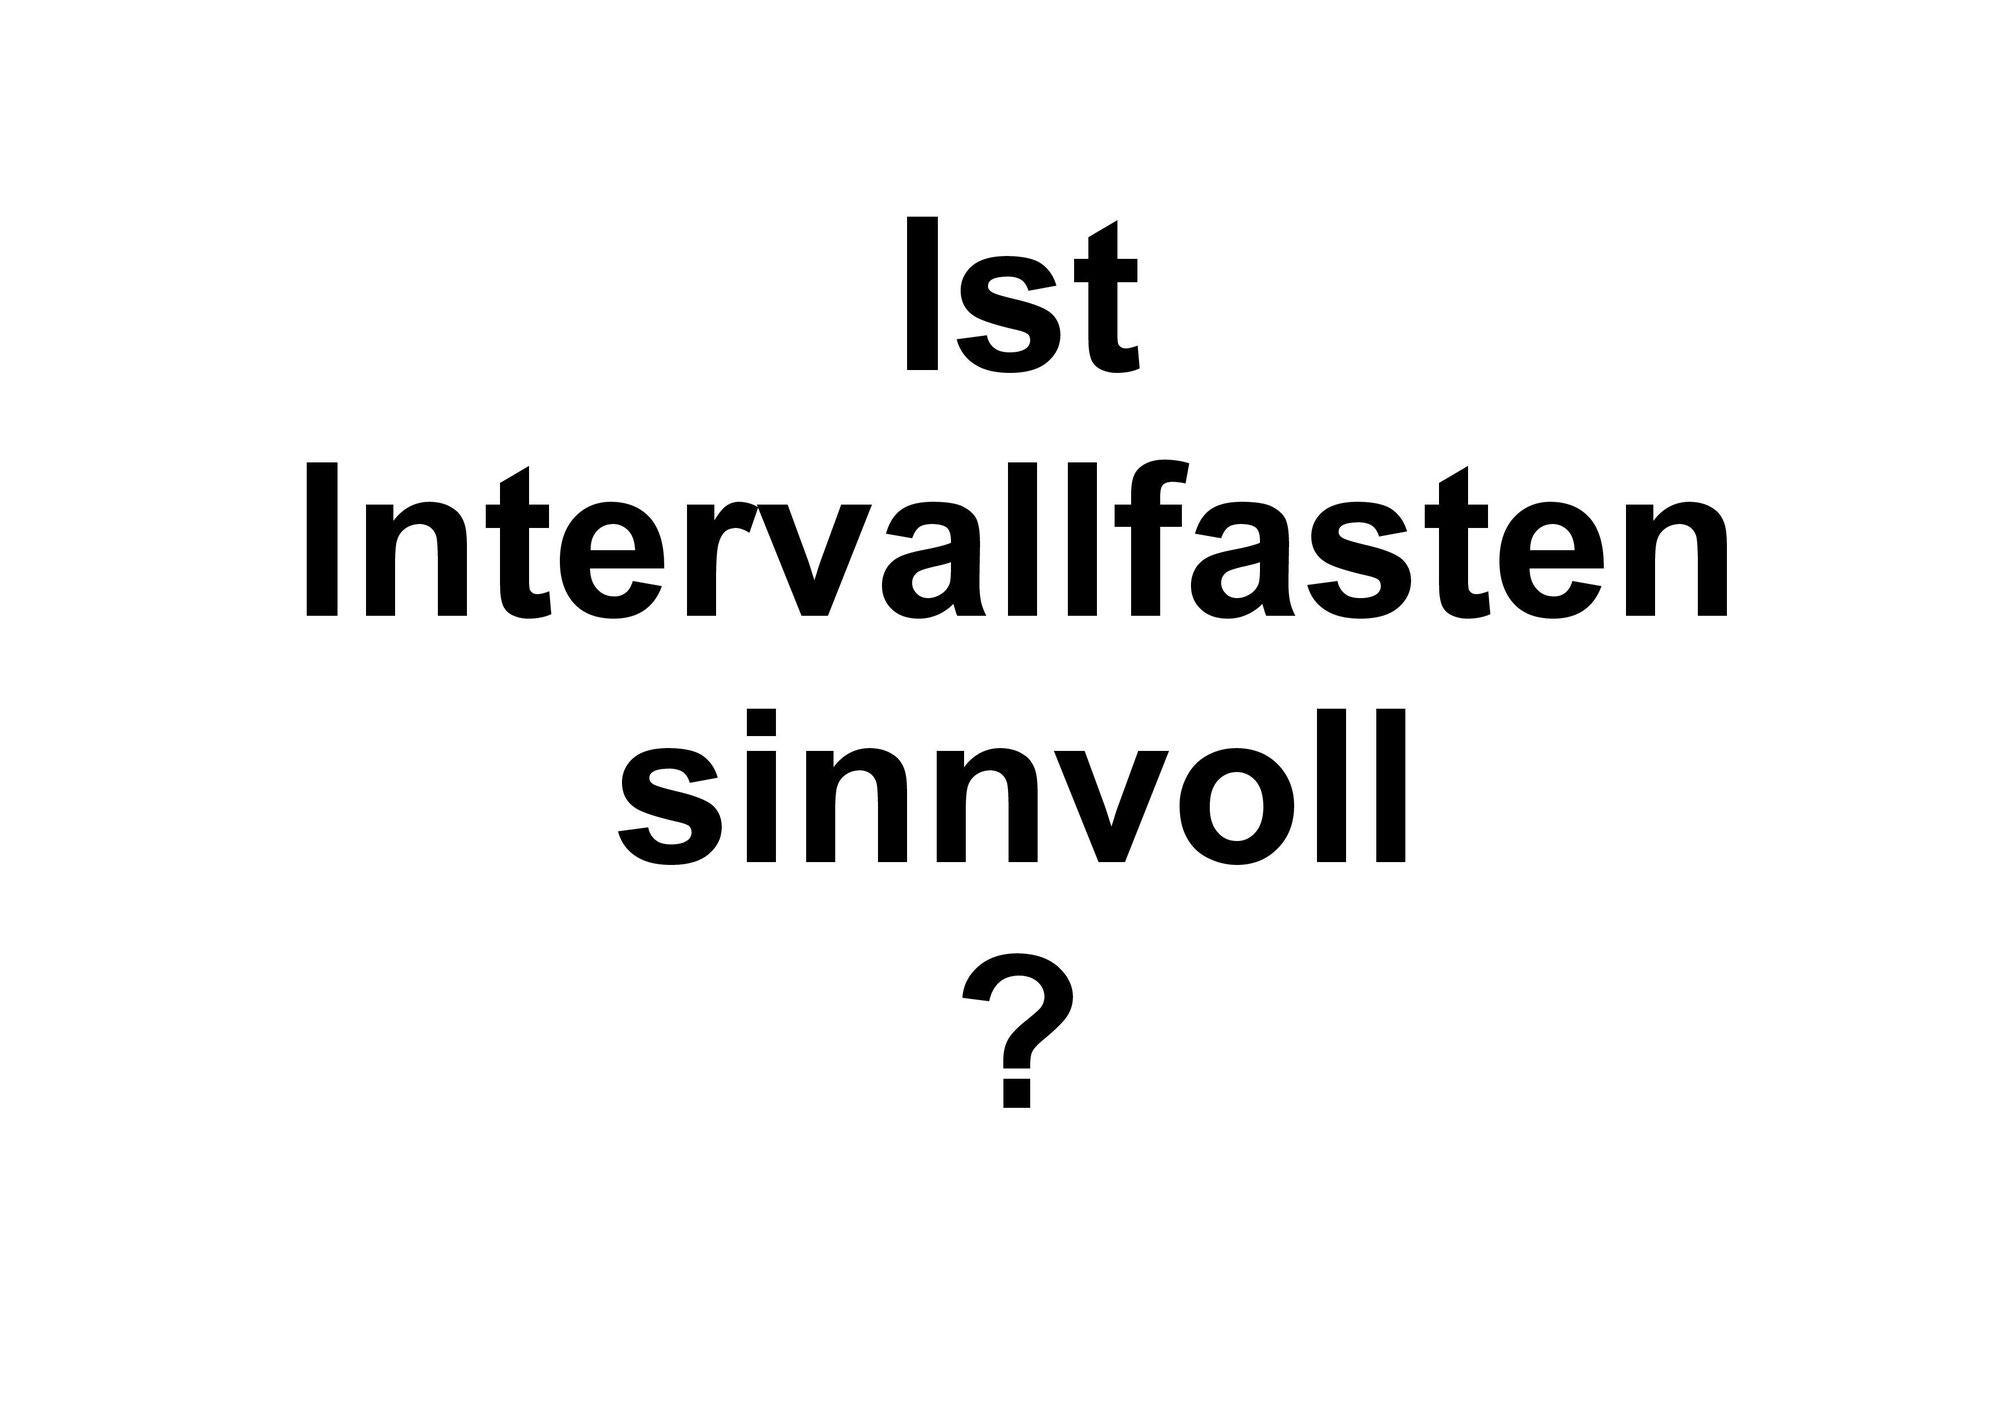 Wie sinnvoll ist Intervallfasten?